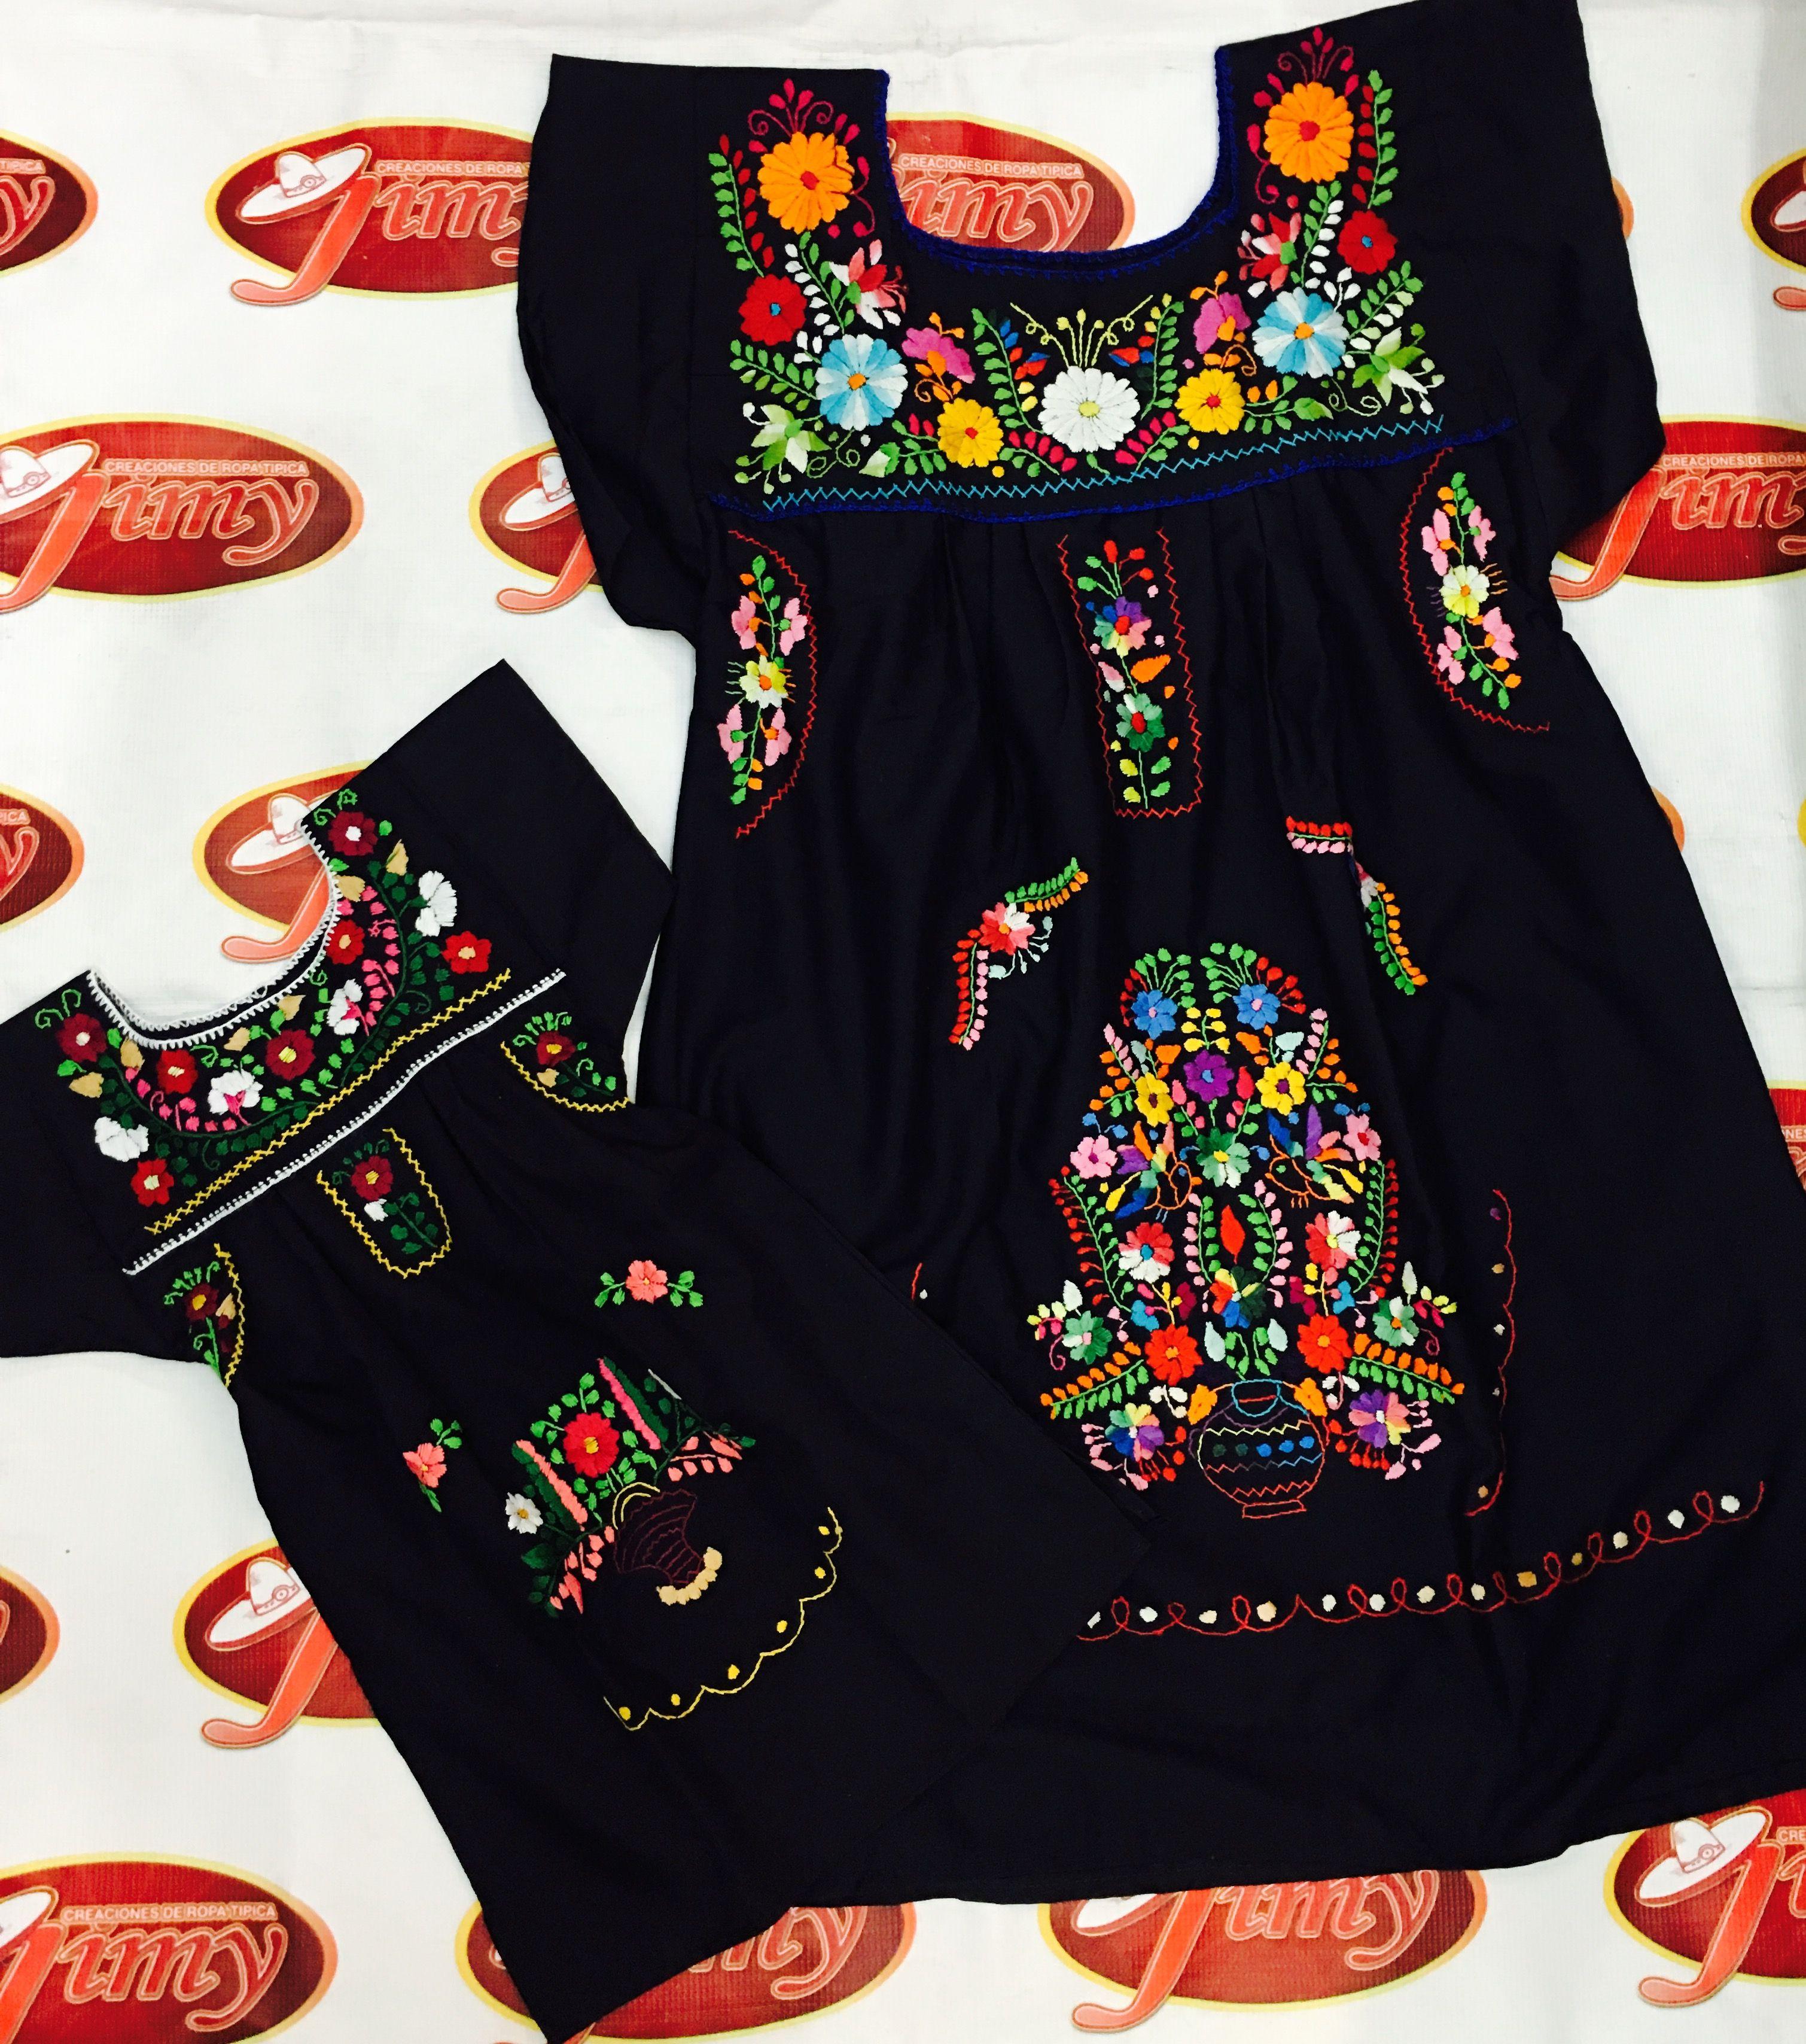 e5df61b3a Vestido mexicano Vestido bordado a mano Ropa mexicana Charreria y Trajes  Típicos Jimy Whatsapp 3311365368 Guadalajara ,jalisco,Mexico Envíos a todo  Mexico y ...